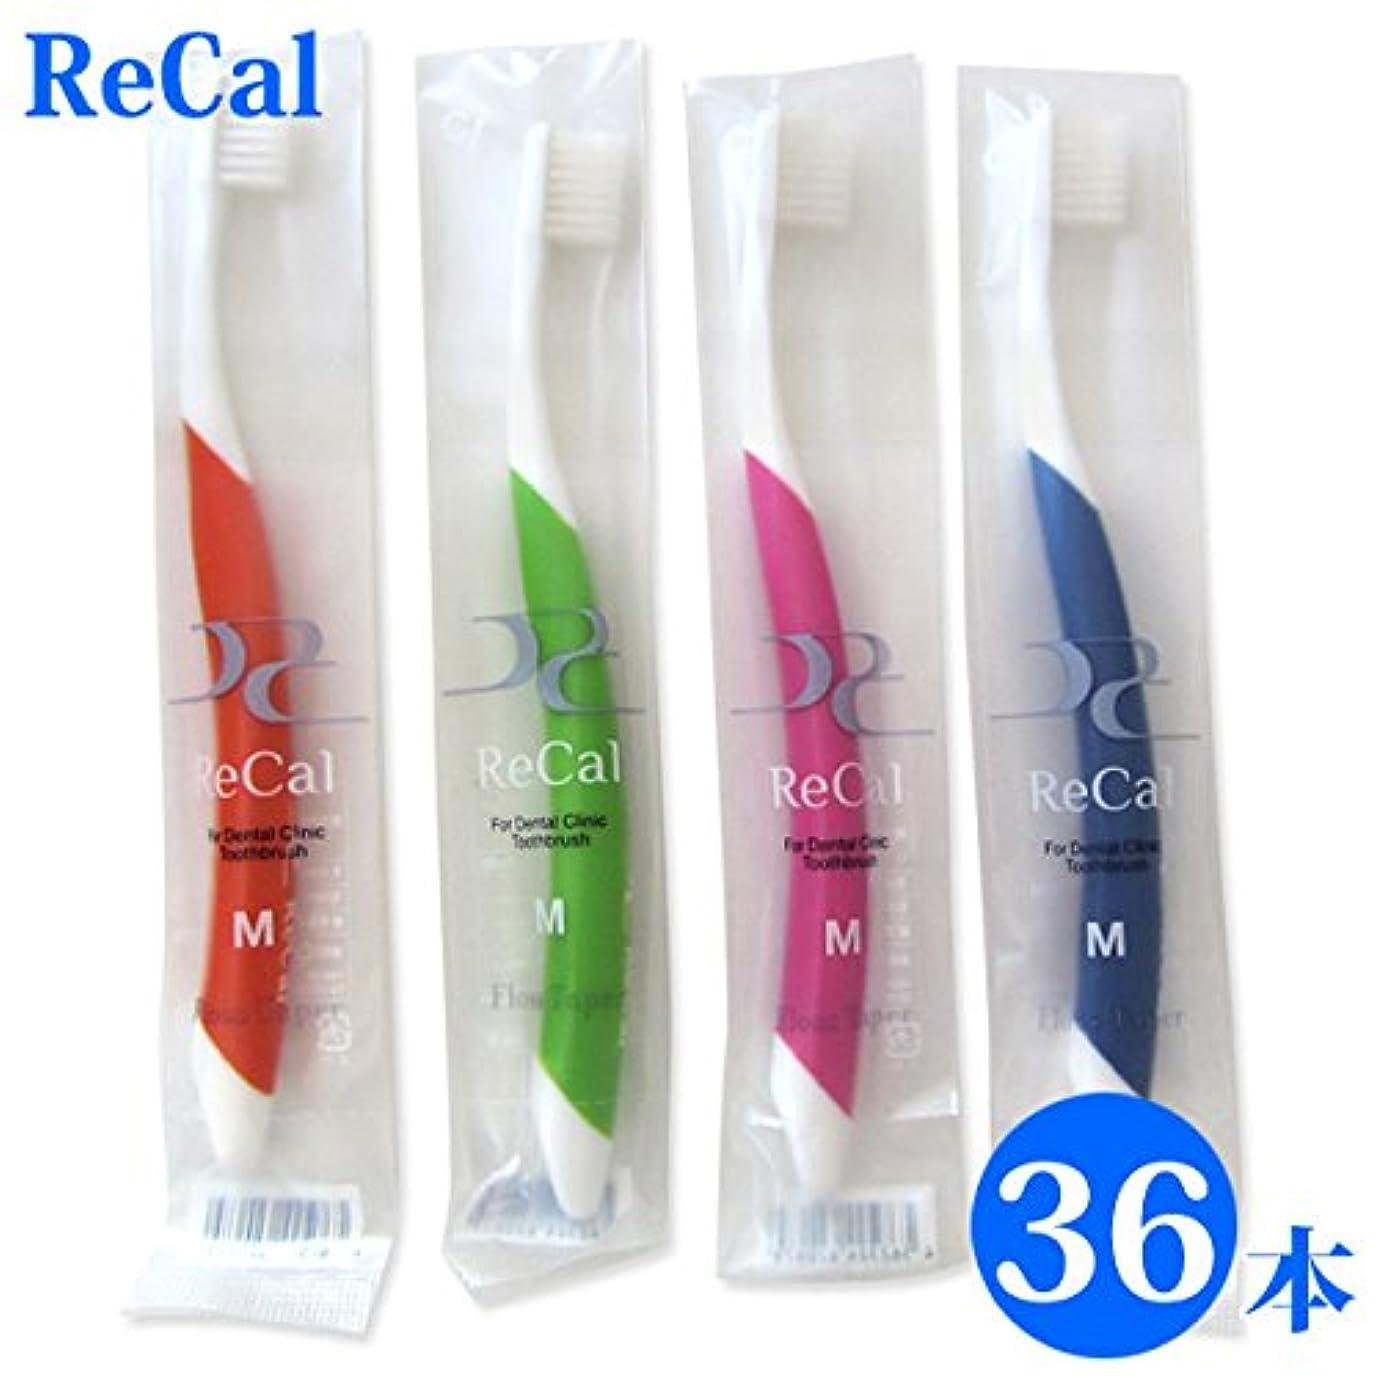 衝突コース根絶する病気の36本入り 歯科医院専用商品 ReCal リカル M 大人用 一般 歯ブラシ4色アソート